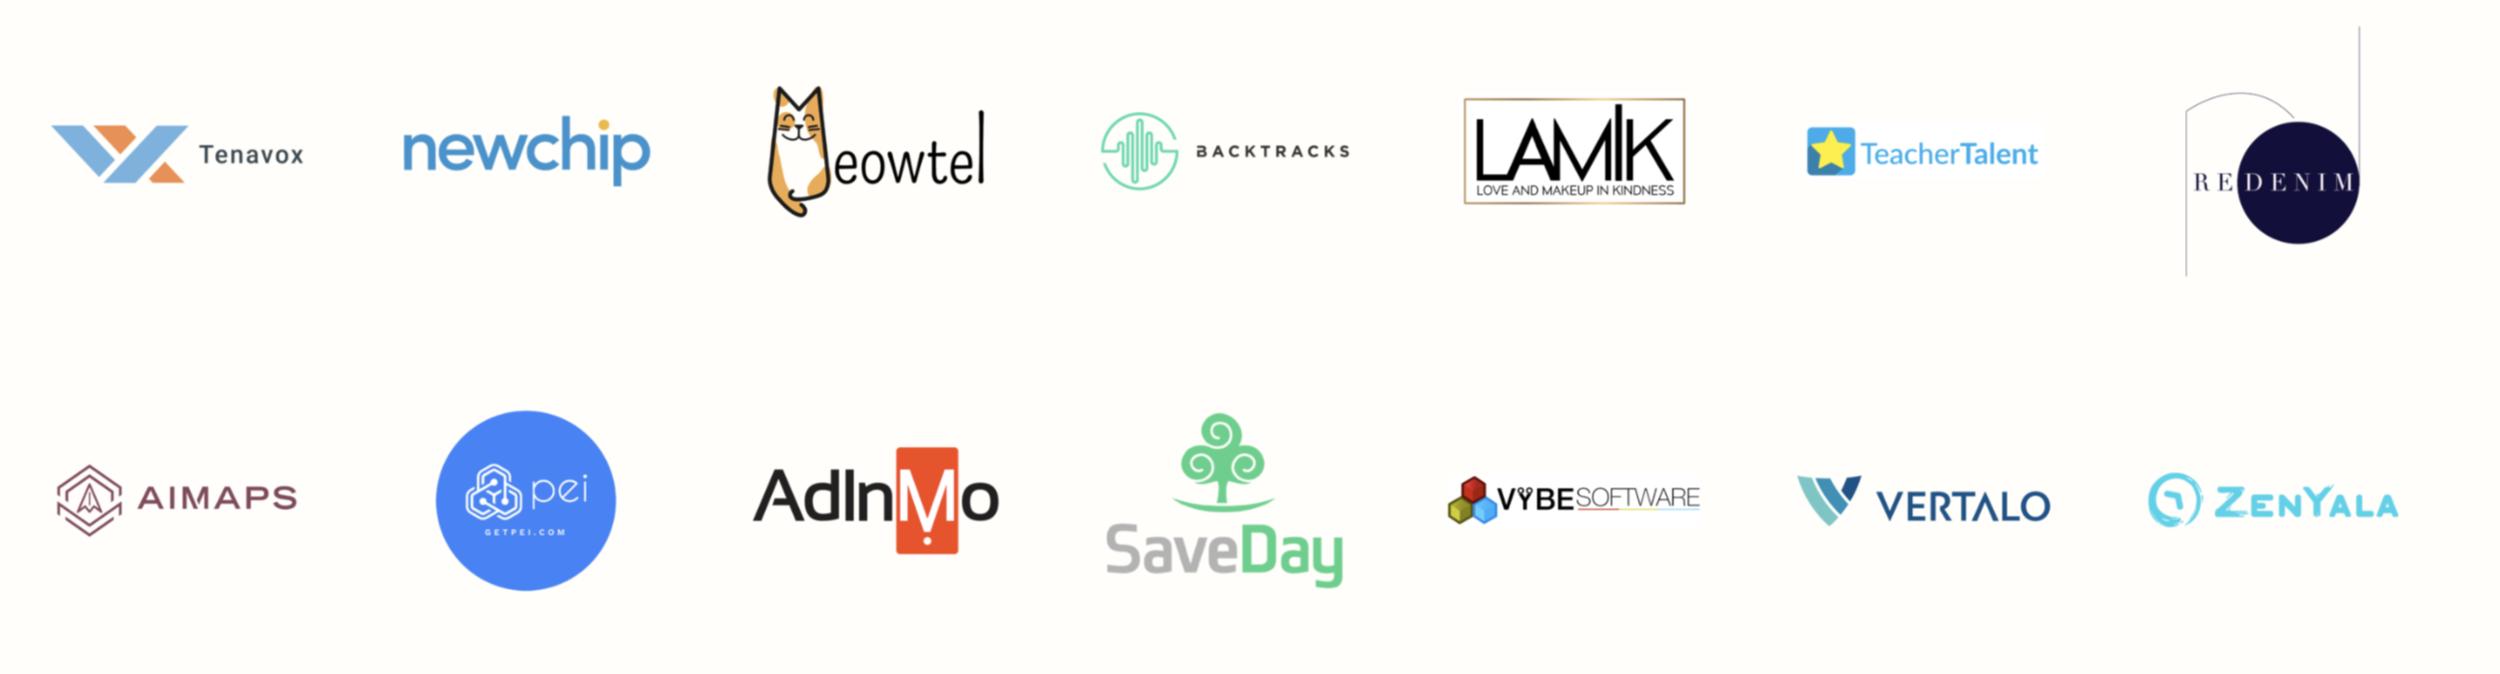 SPUTNIK ATX startup portfolio companies.png